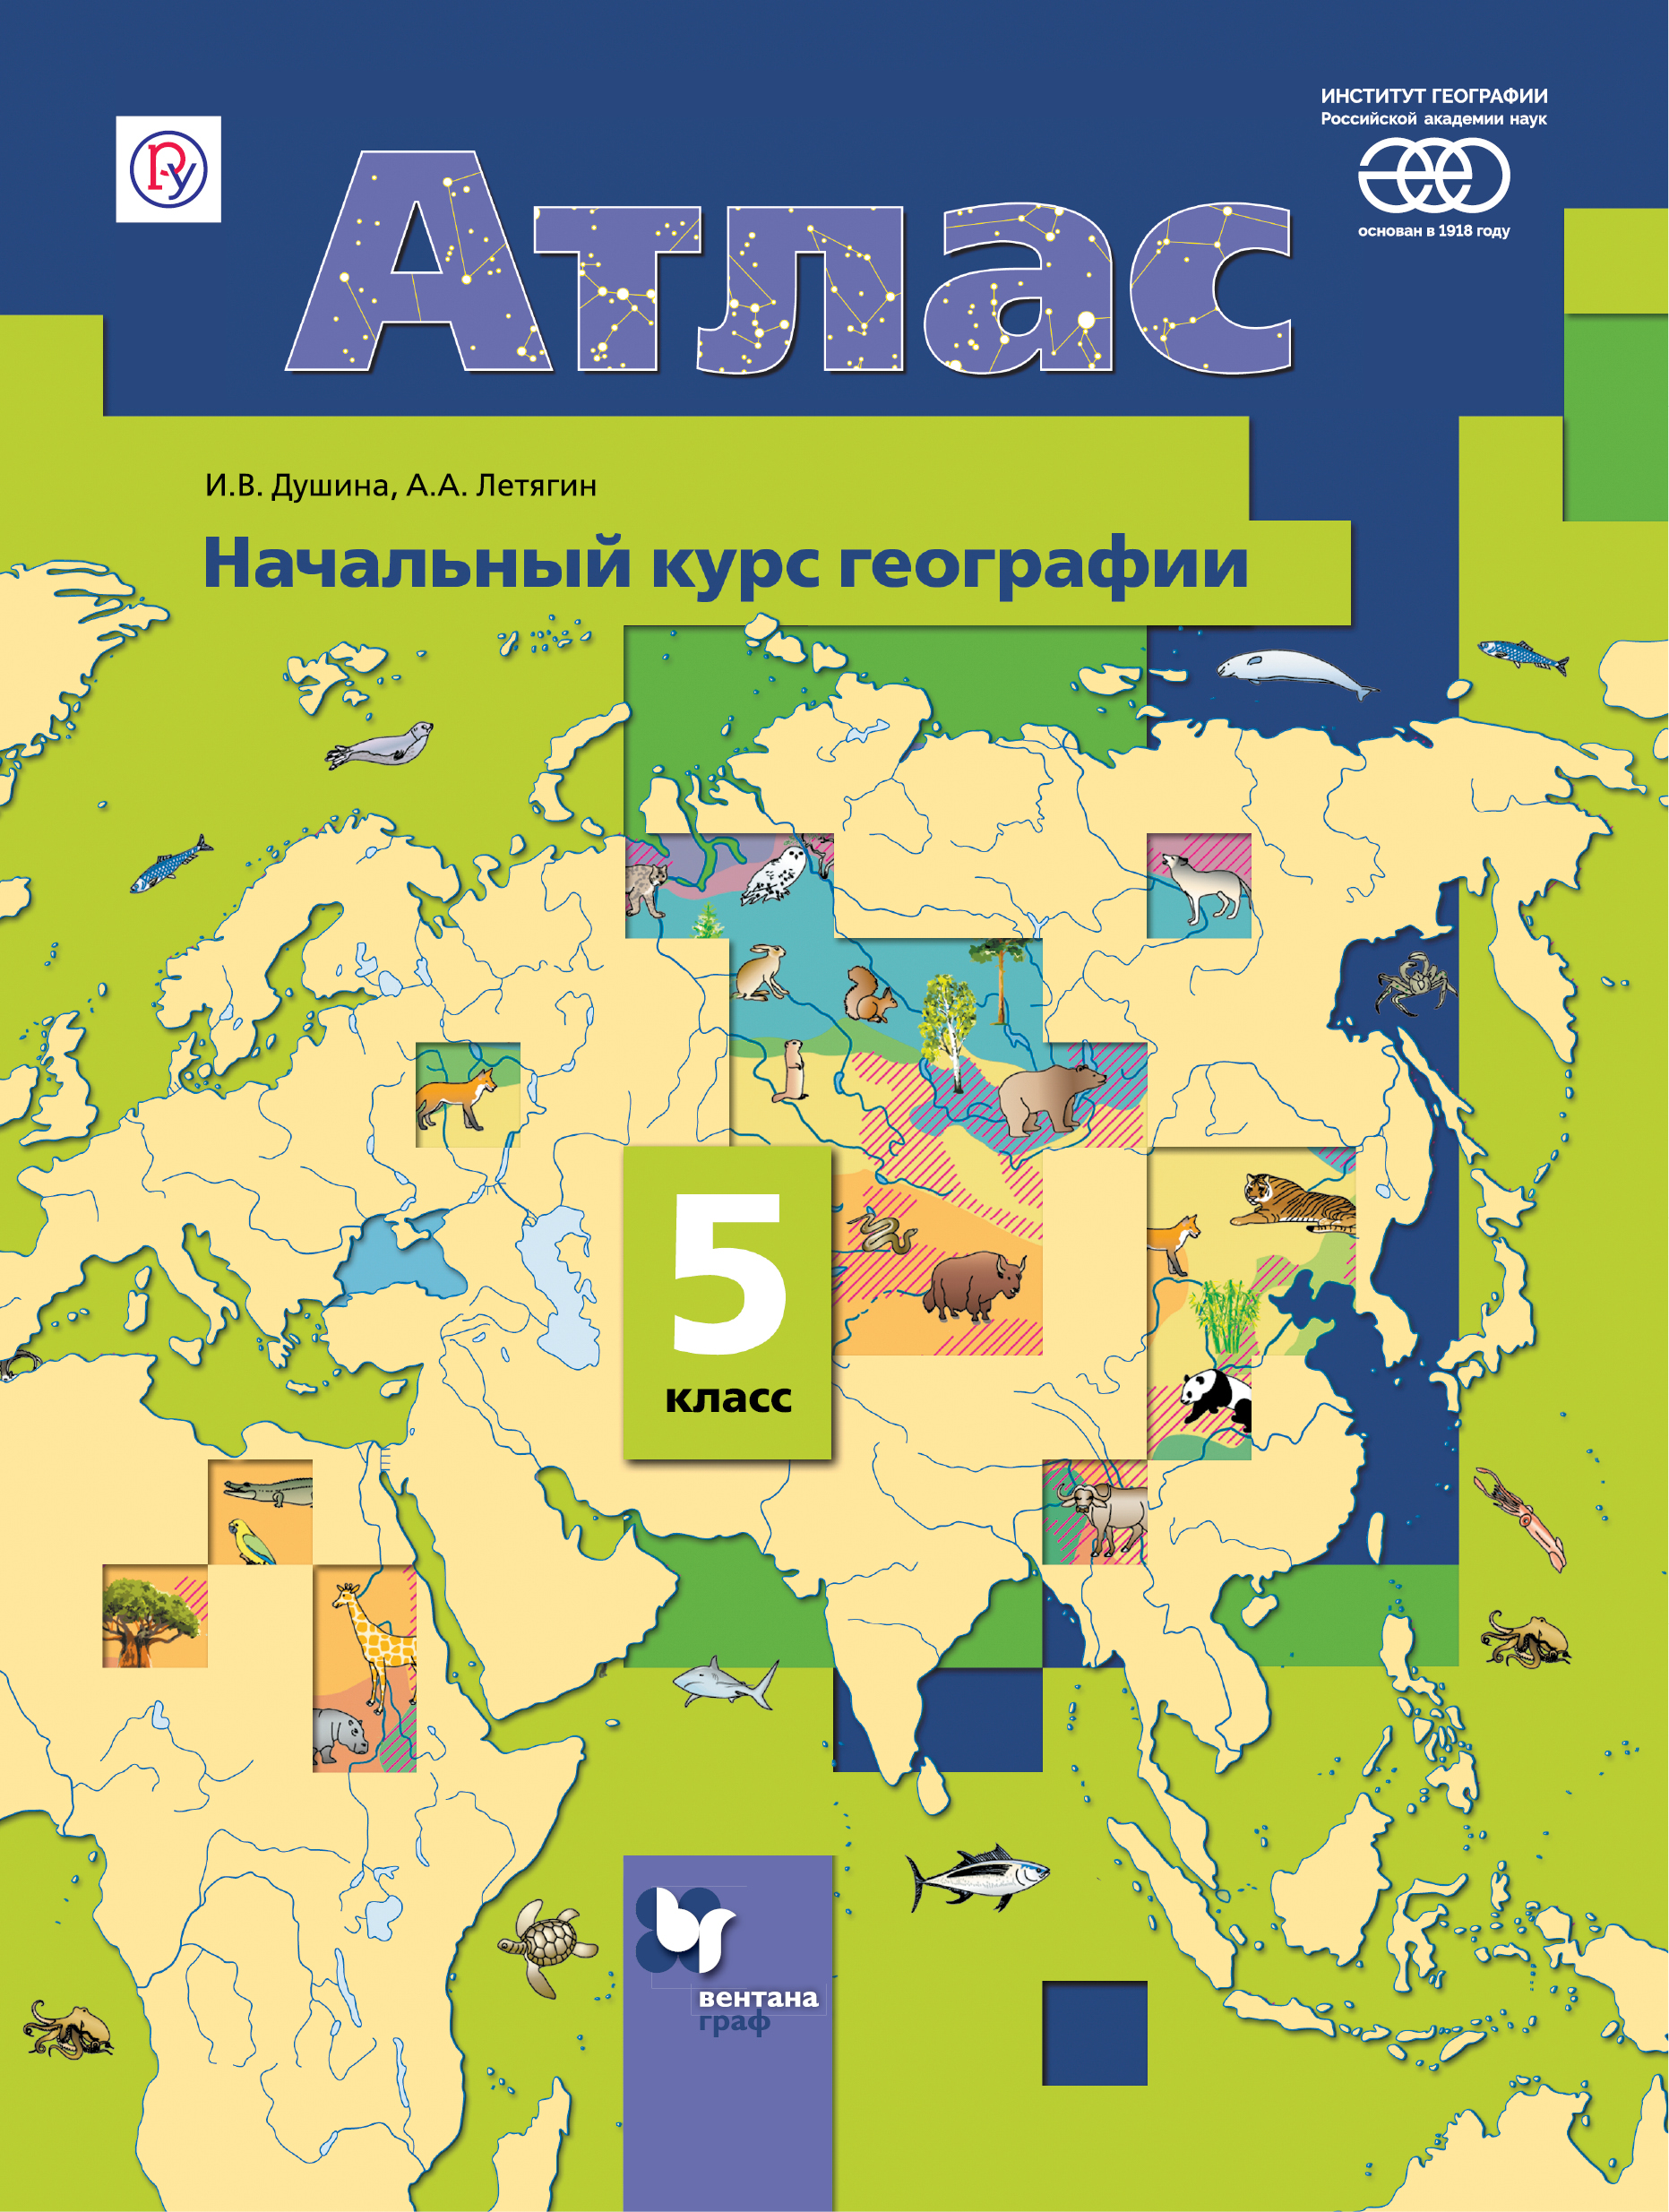 Душина И.В. География. Начальный курс географии. 5класс. Атлас